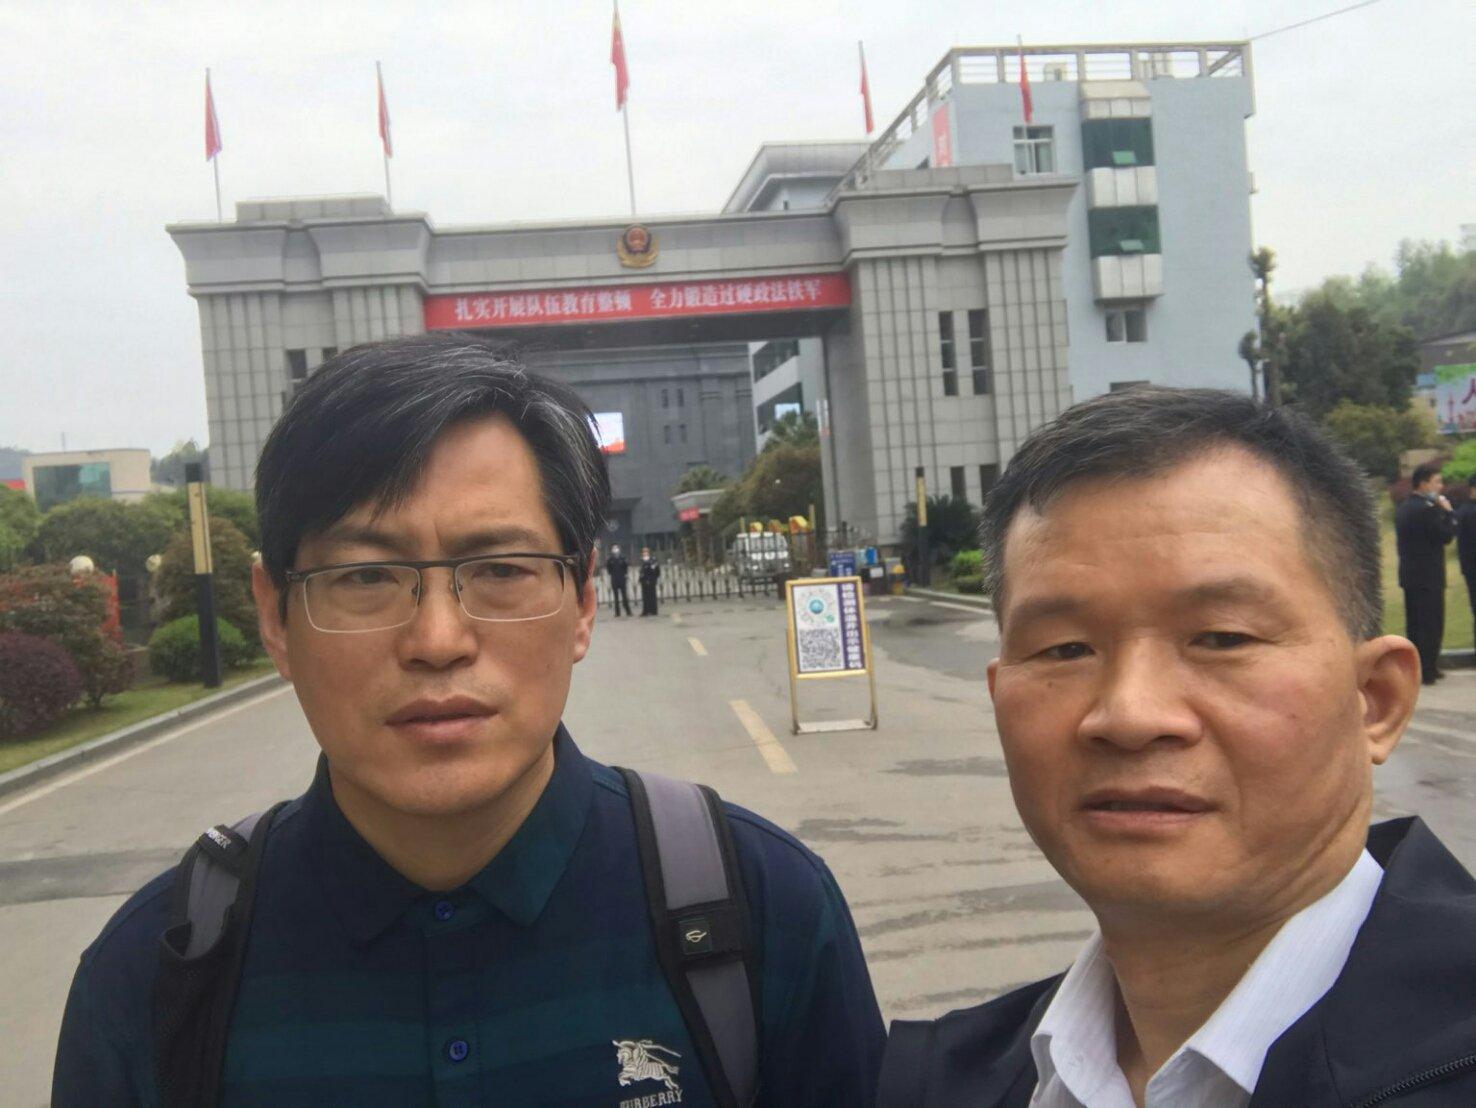 2021年3月17日,北京律師'宋玉生和藺其磊到四川巴中監獄會見黃琦遭拒。(受訪者提供)